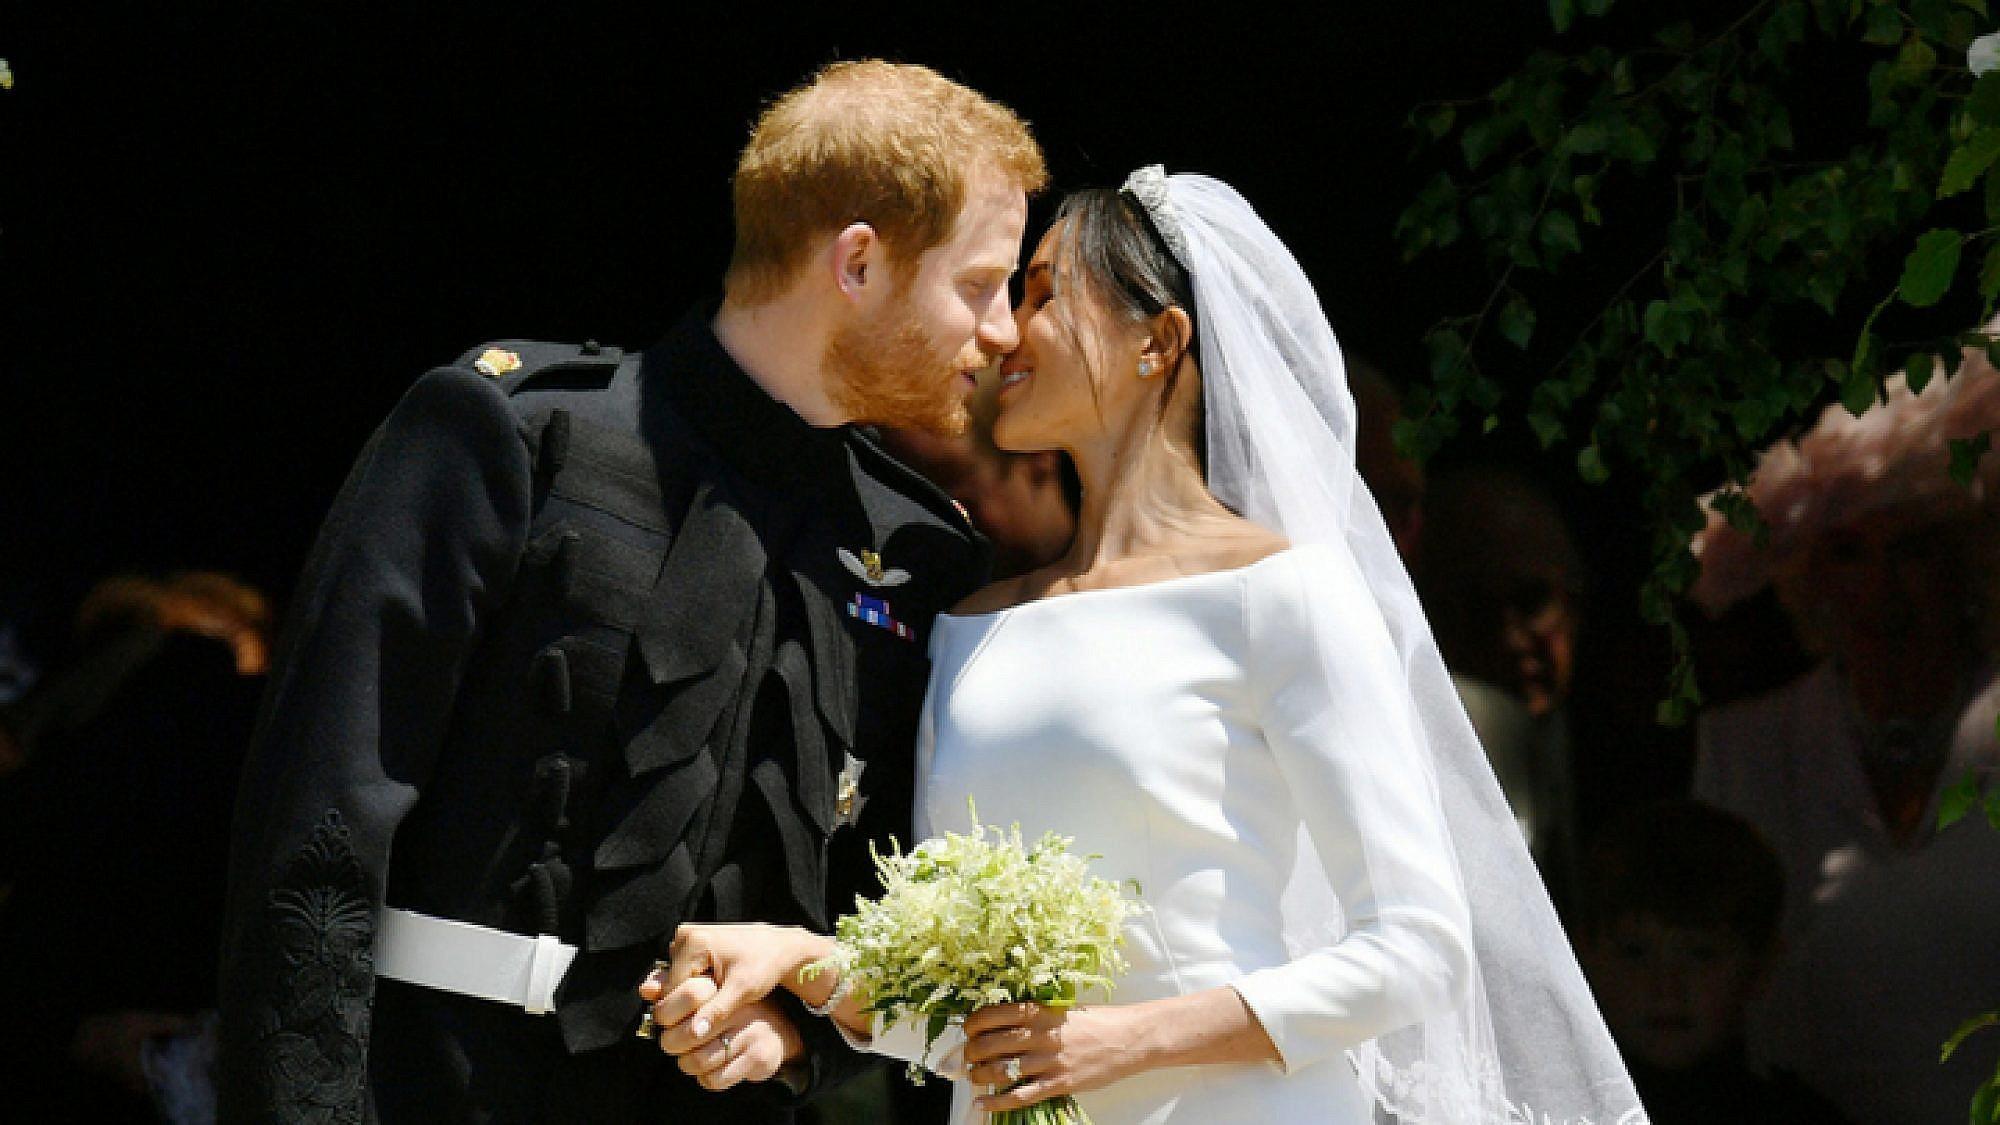 קול חתן וקול כלה: הנסיך הארי ומייגן מרקל זוג נשוי | צילום: Gettyimages